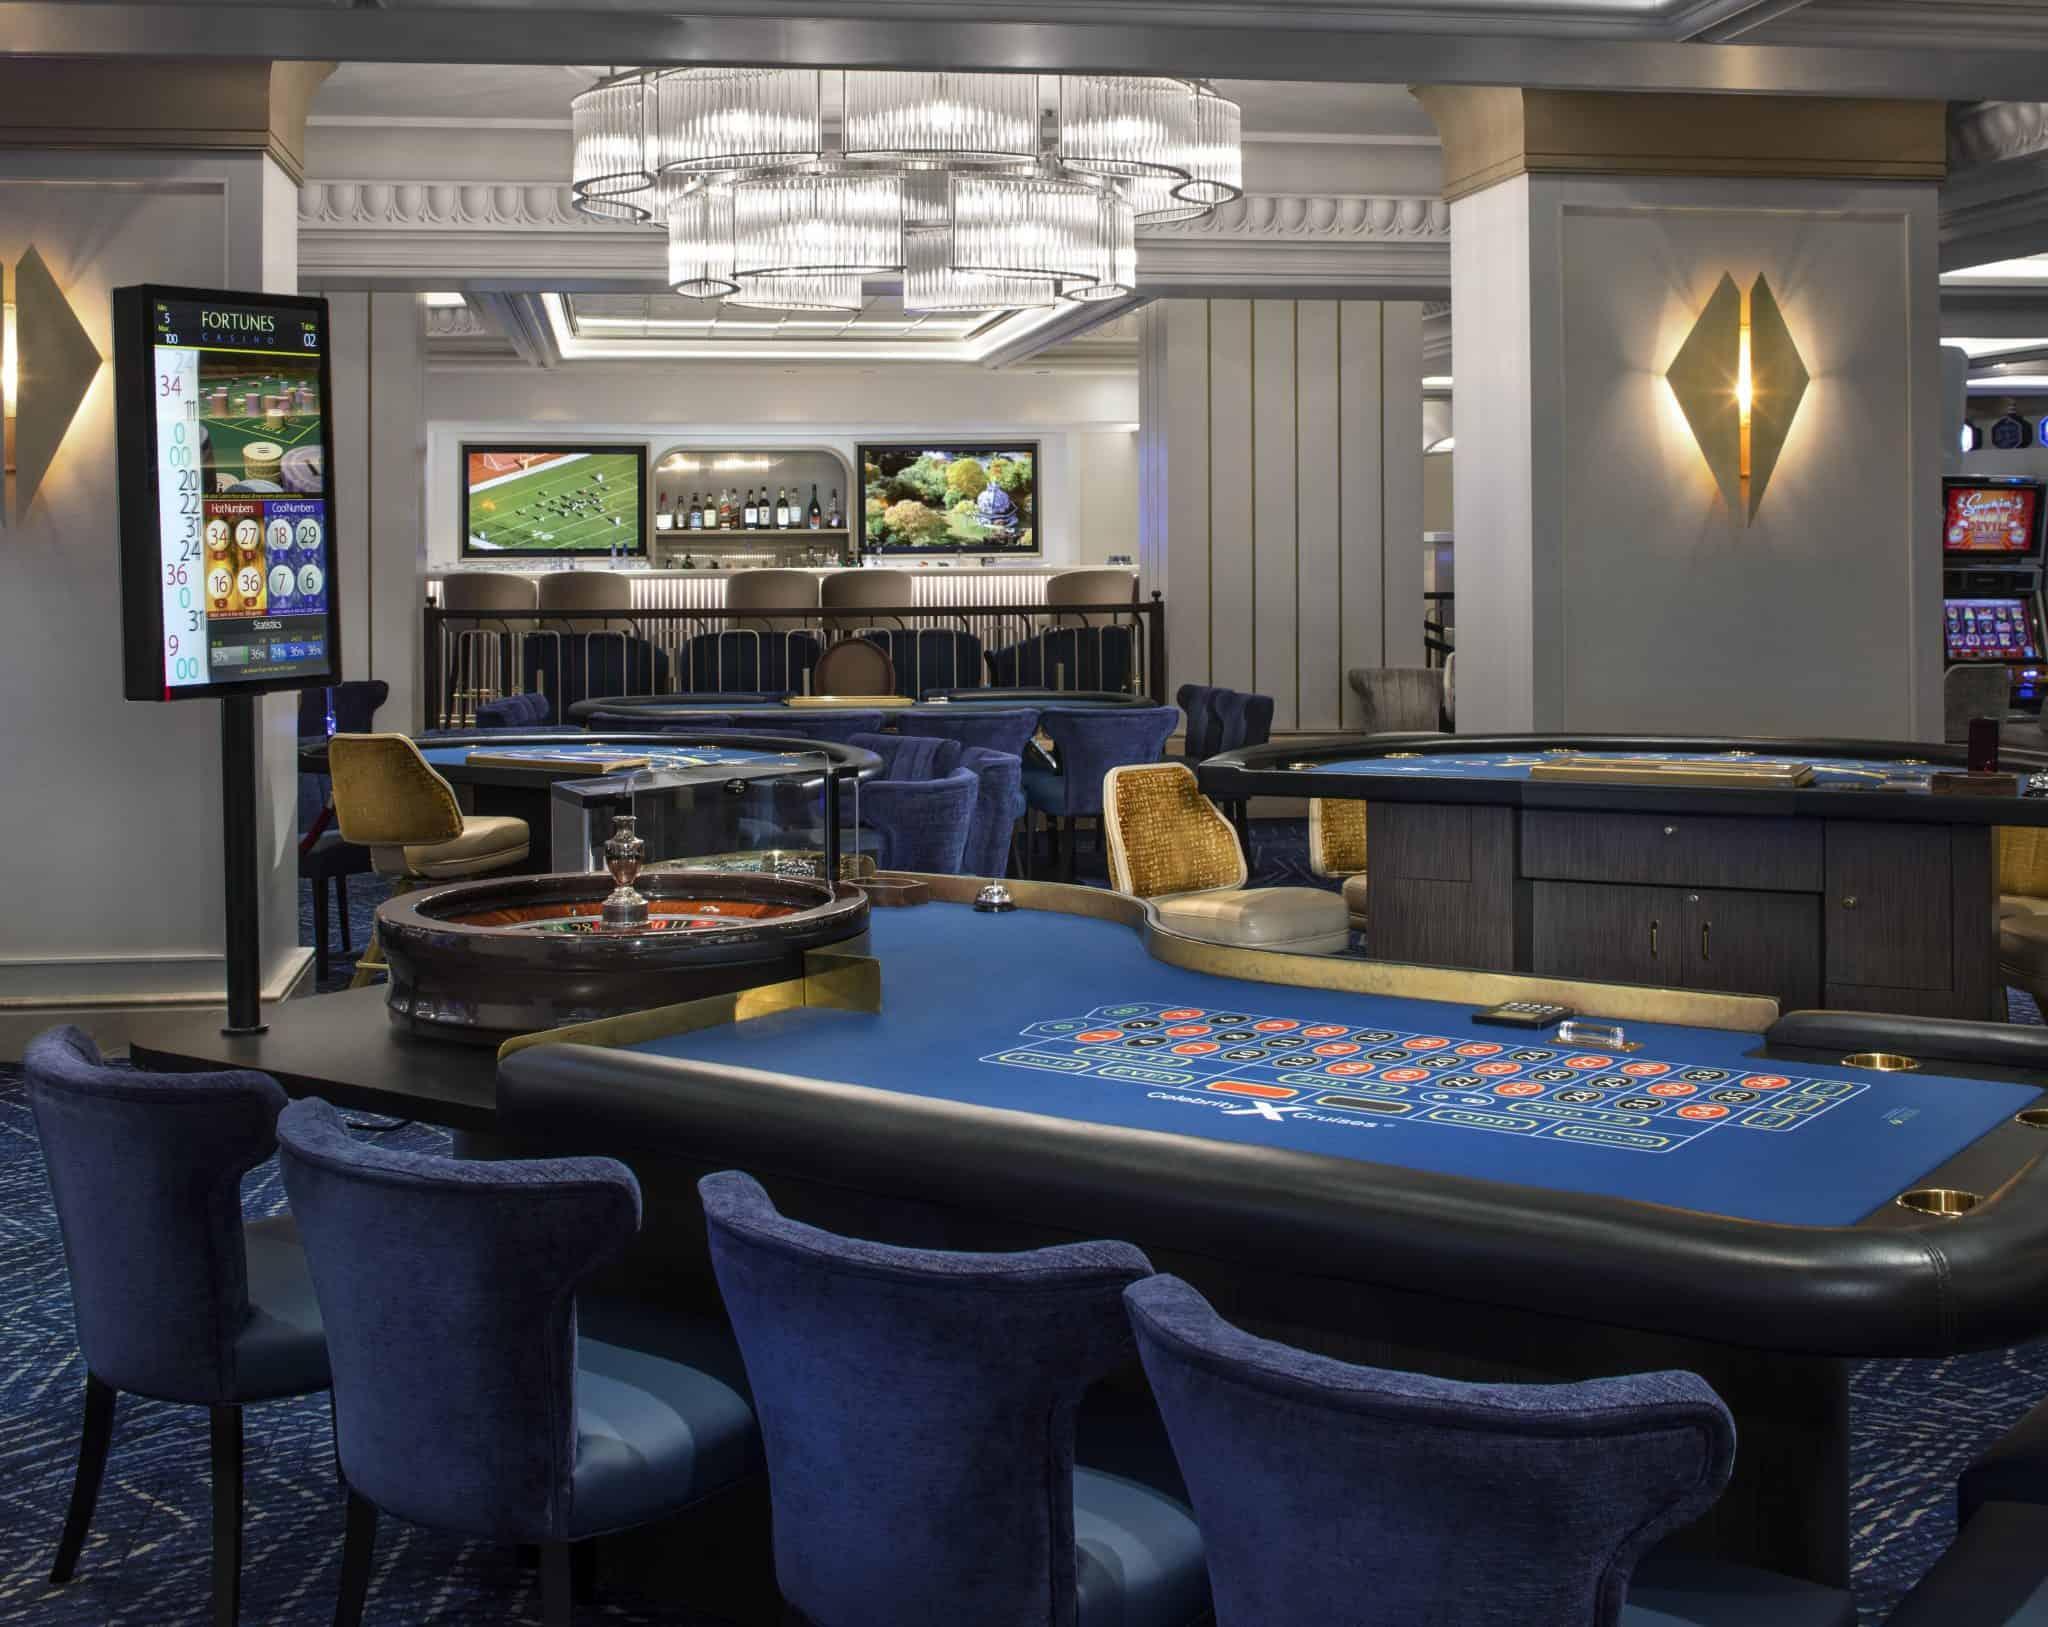 fortunes casino celebrity millennium